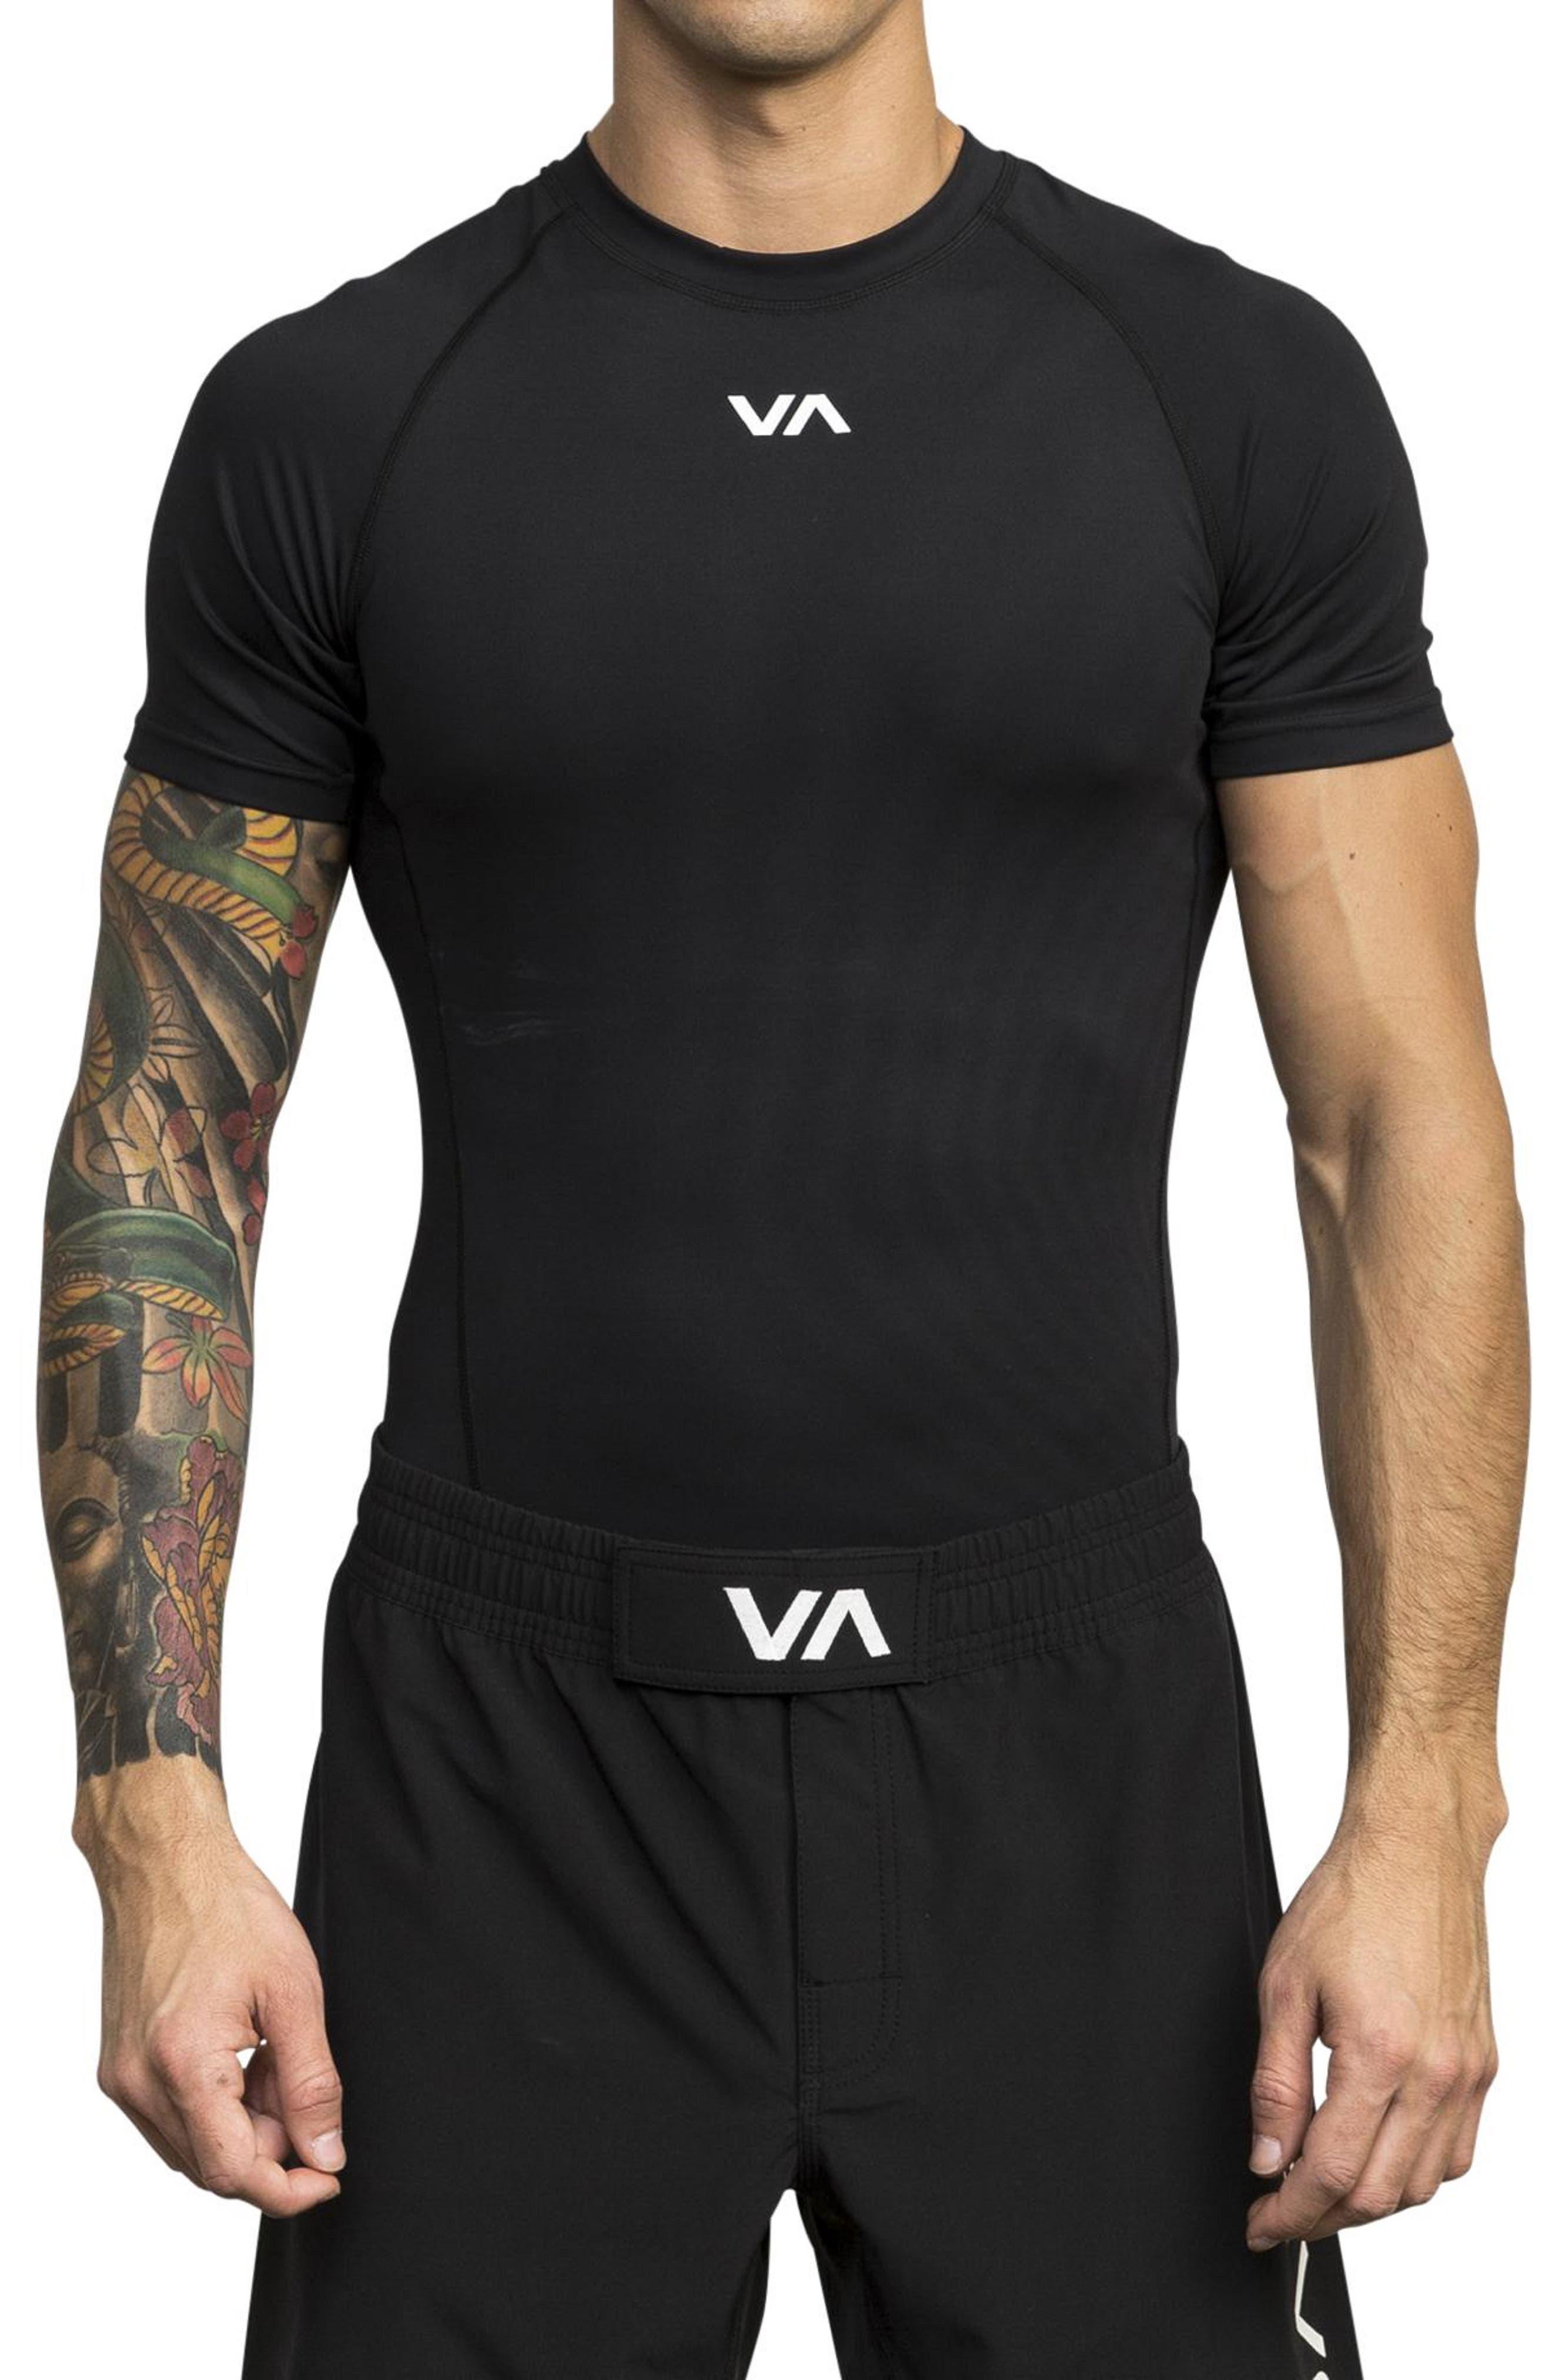 Rvca Va Compression T-Shirt, Black